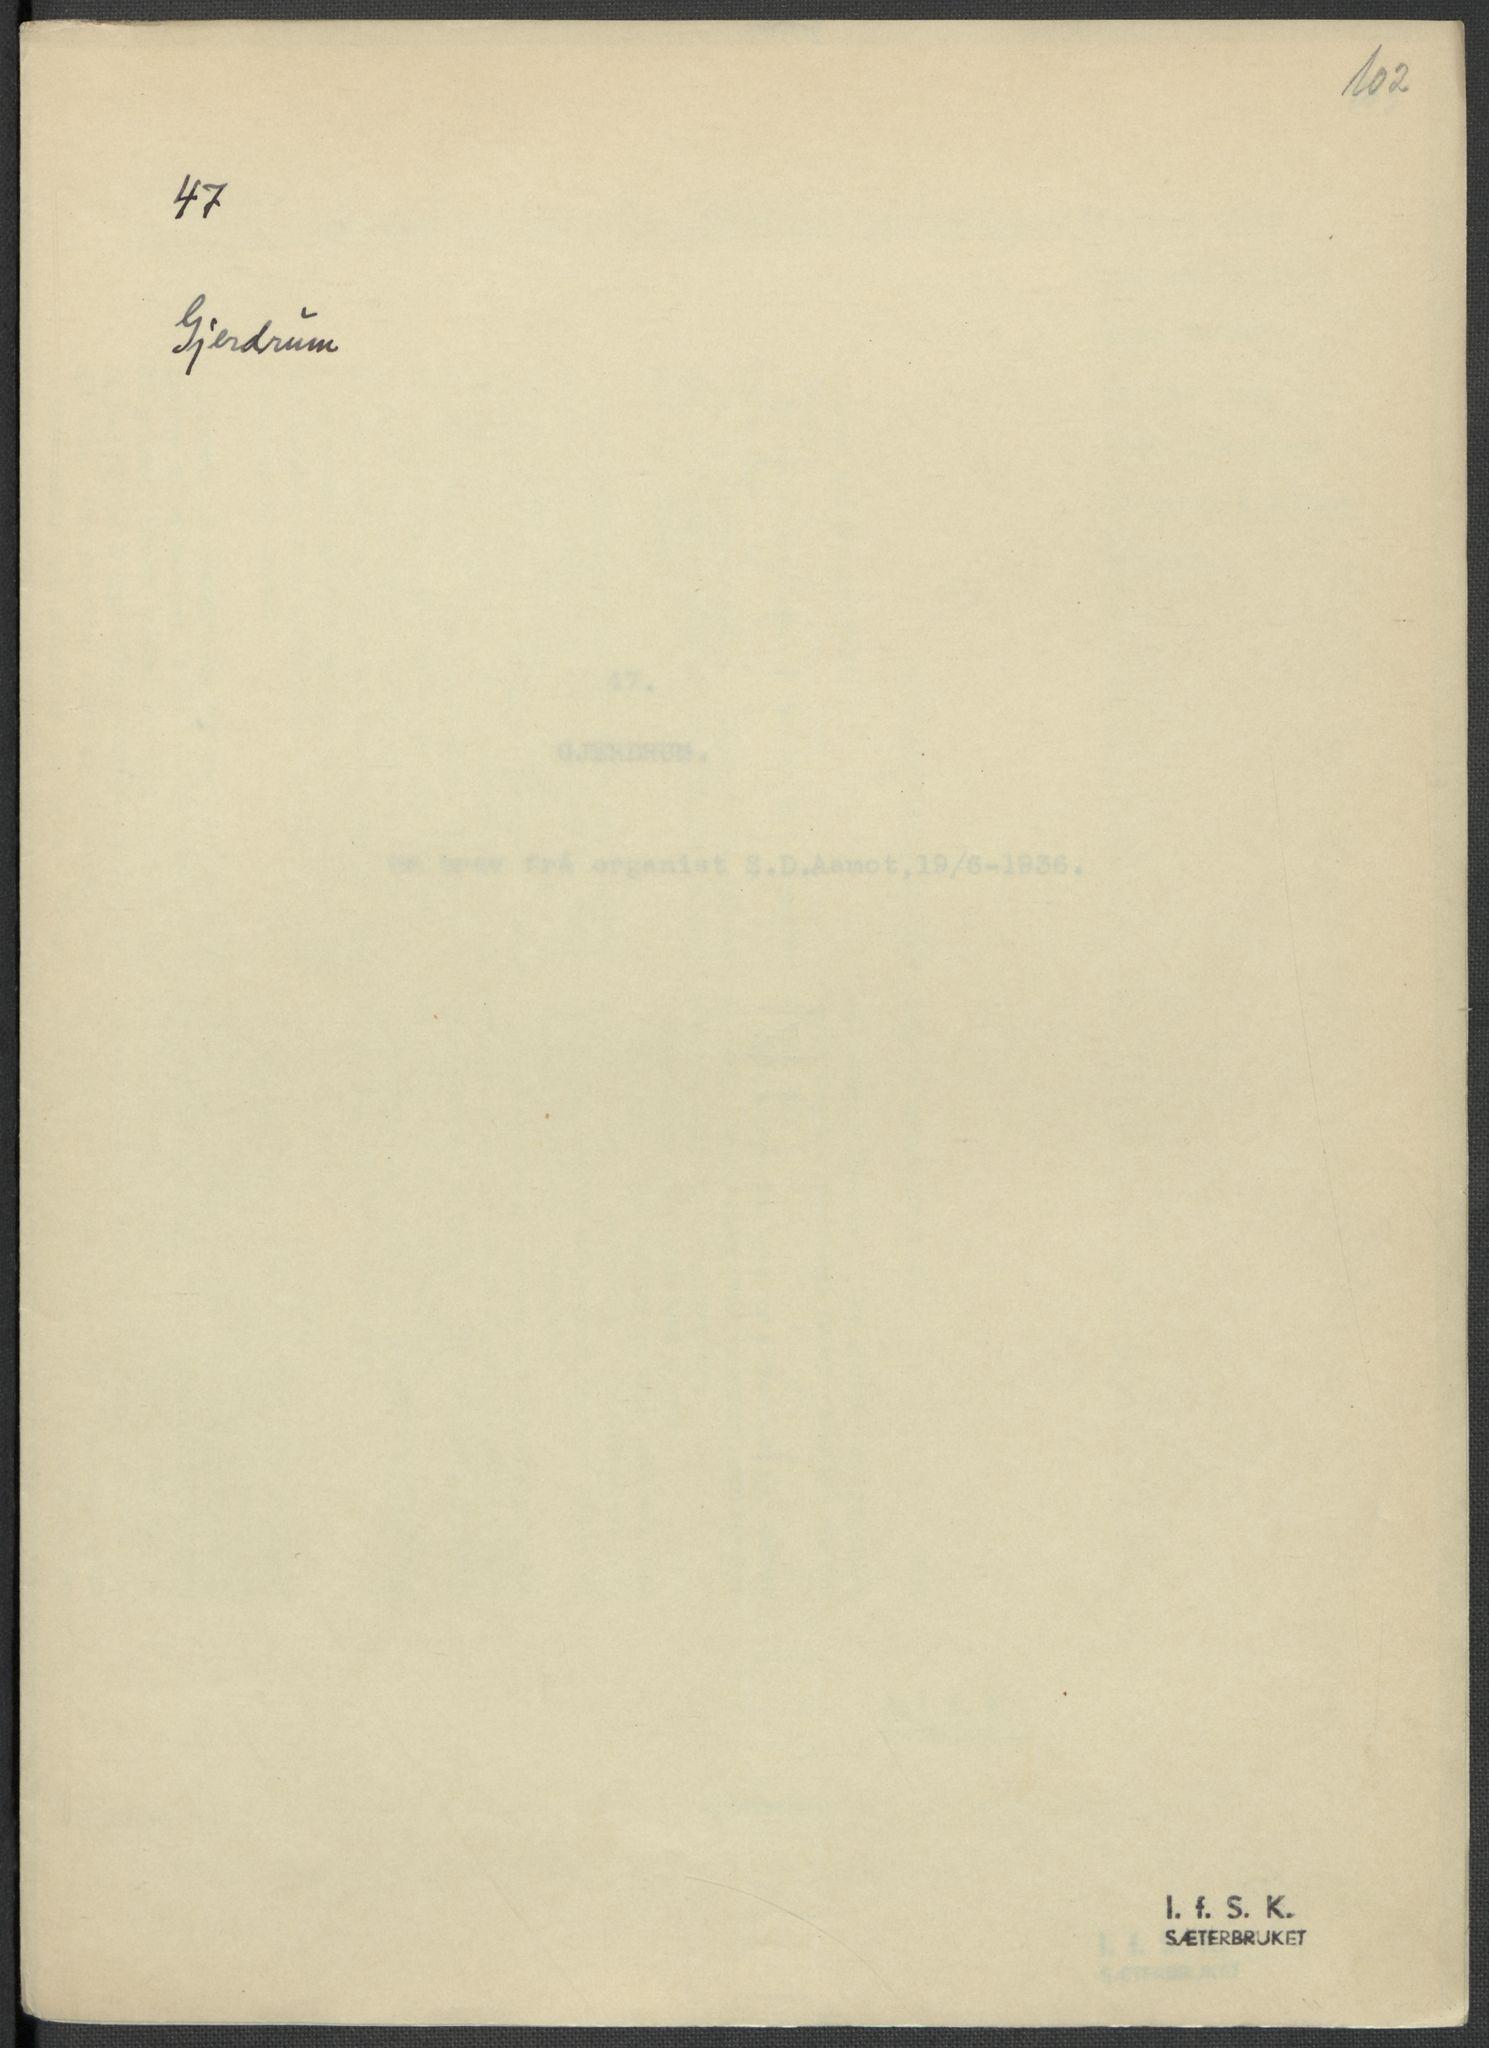 RA, Instituttet for sammenlignende kulturforskning, F/Fc/L0002: Eske B2:, 1932-1936, s. 102